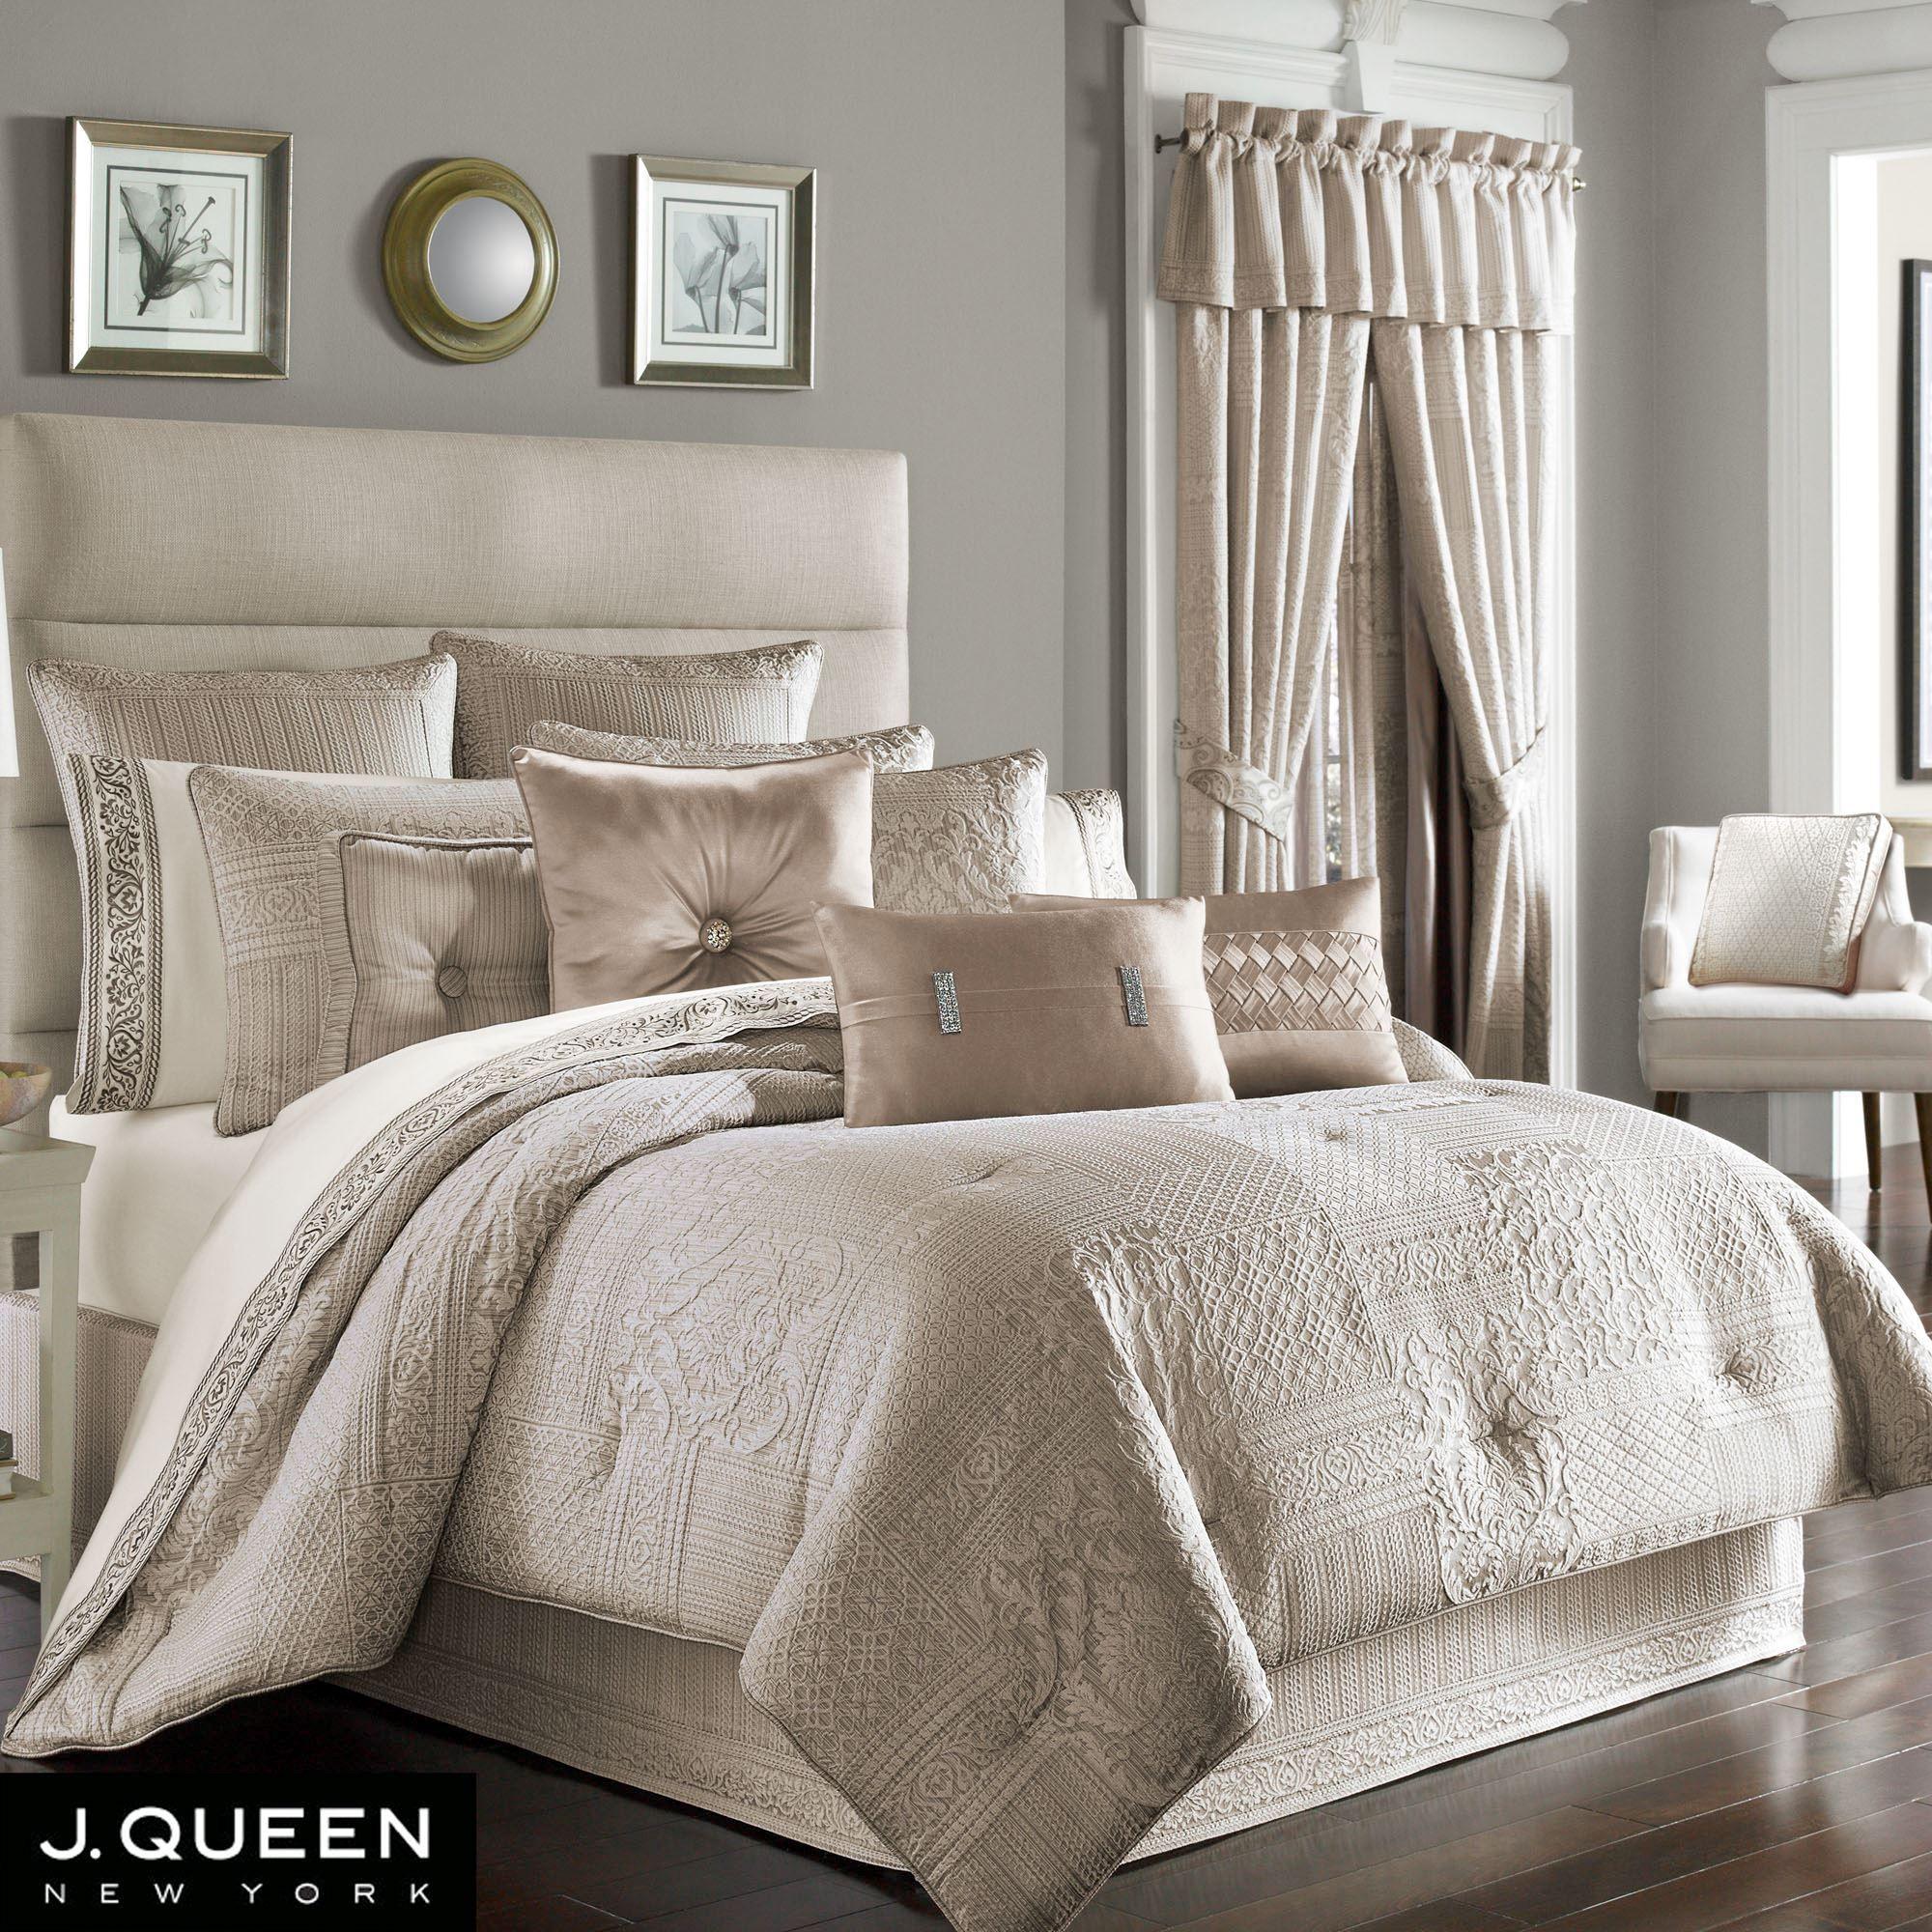 wilmington beige comforter bedding by j